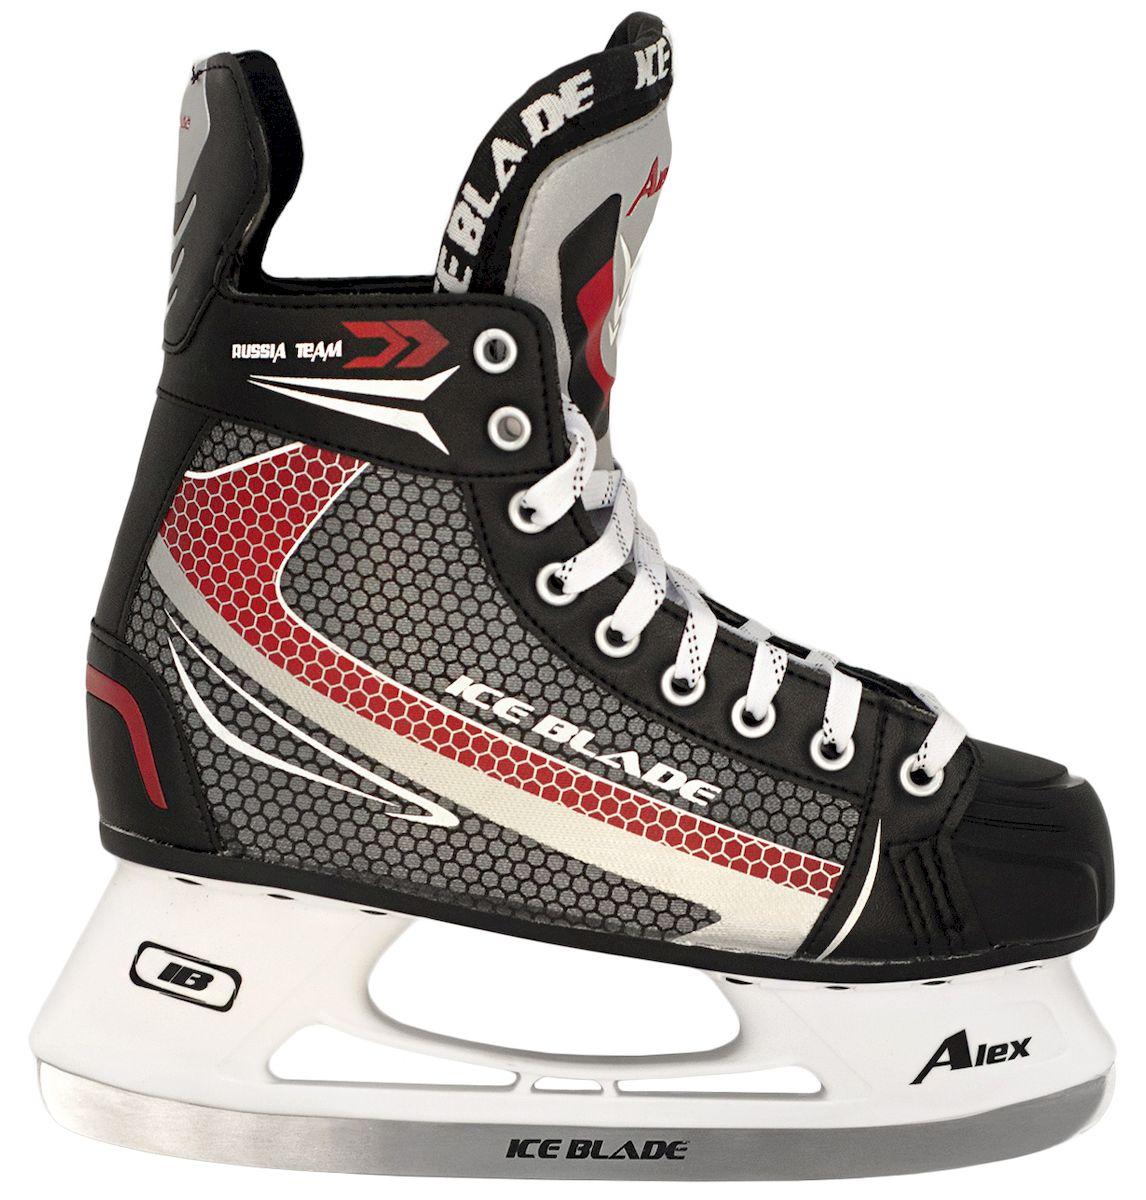 Коньки хоккейные Ice Blade Alex New, цвет: черный, красный, серый. УТ-00006868. Размер 35